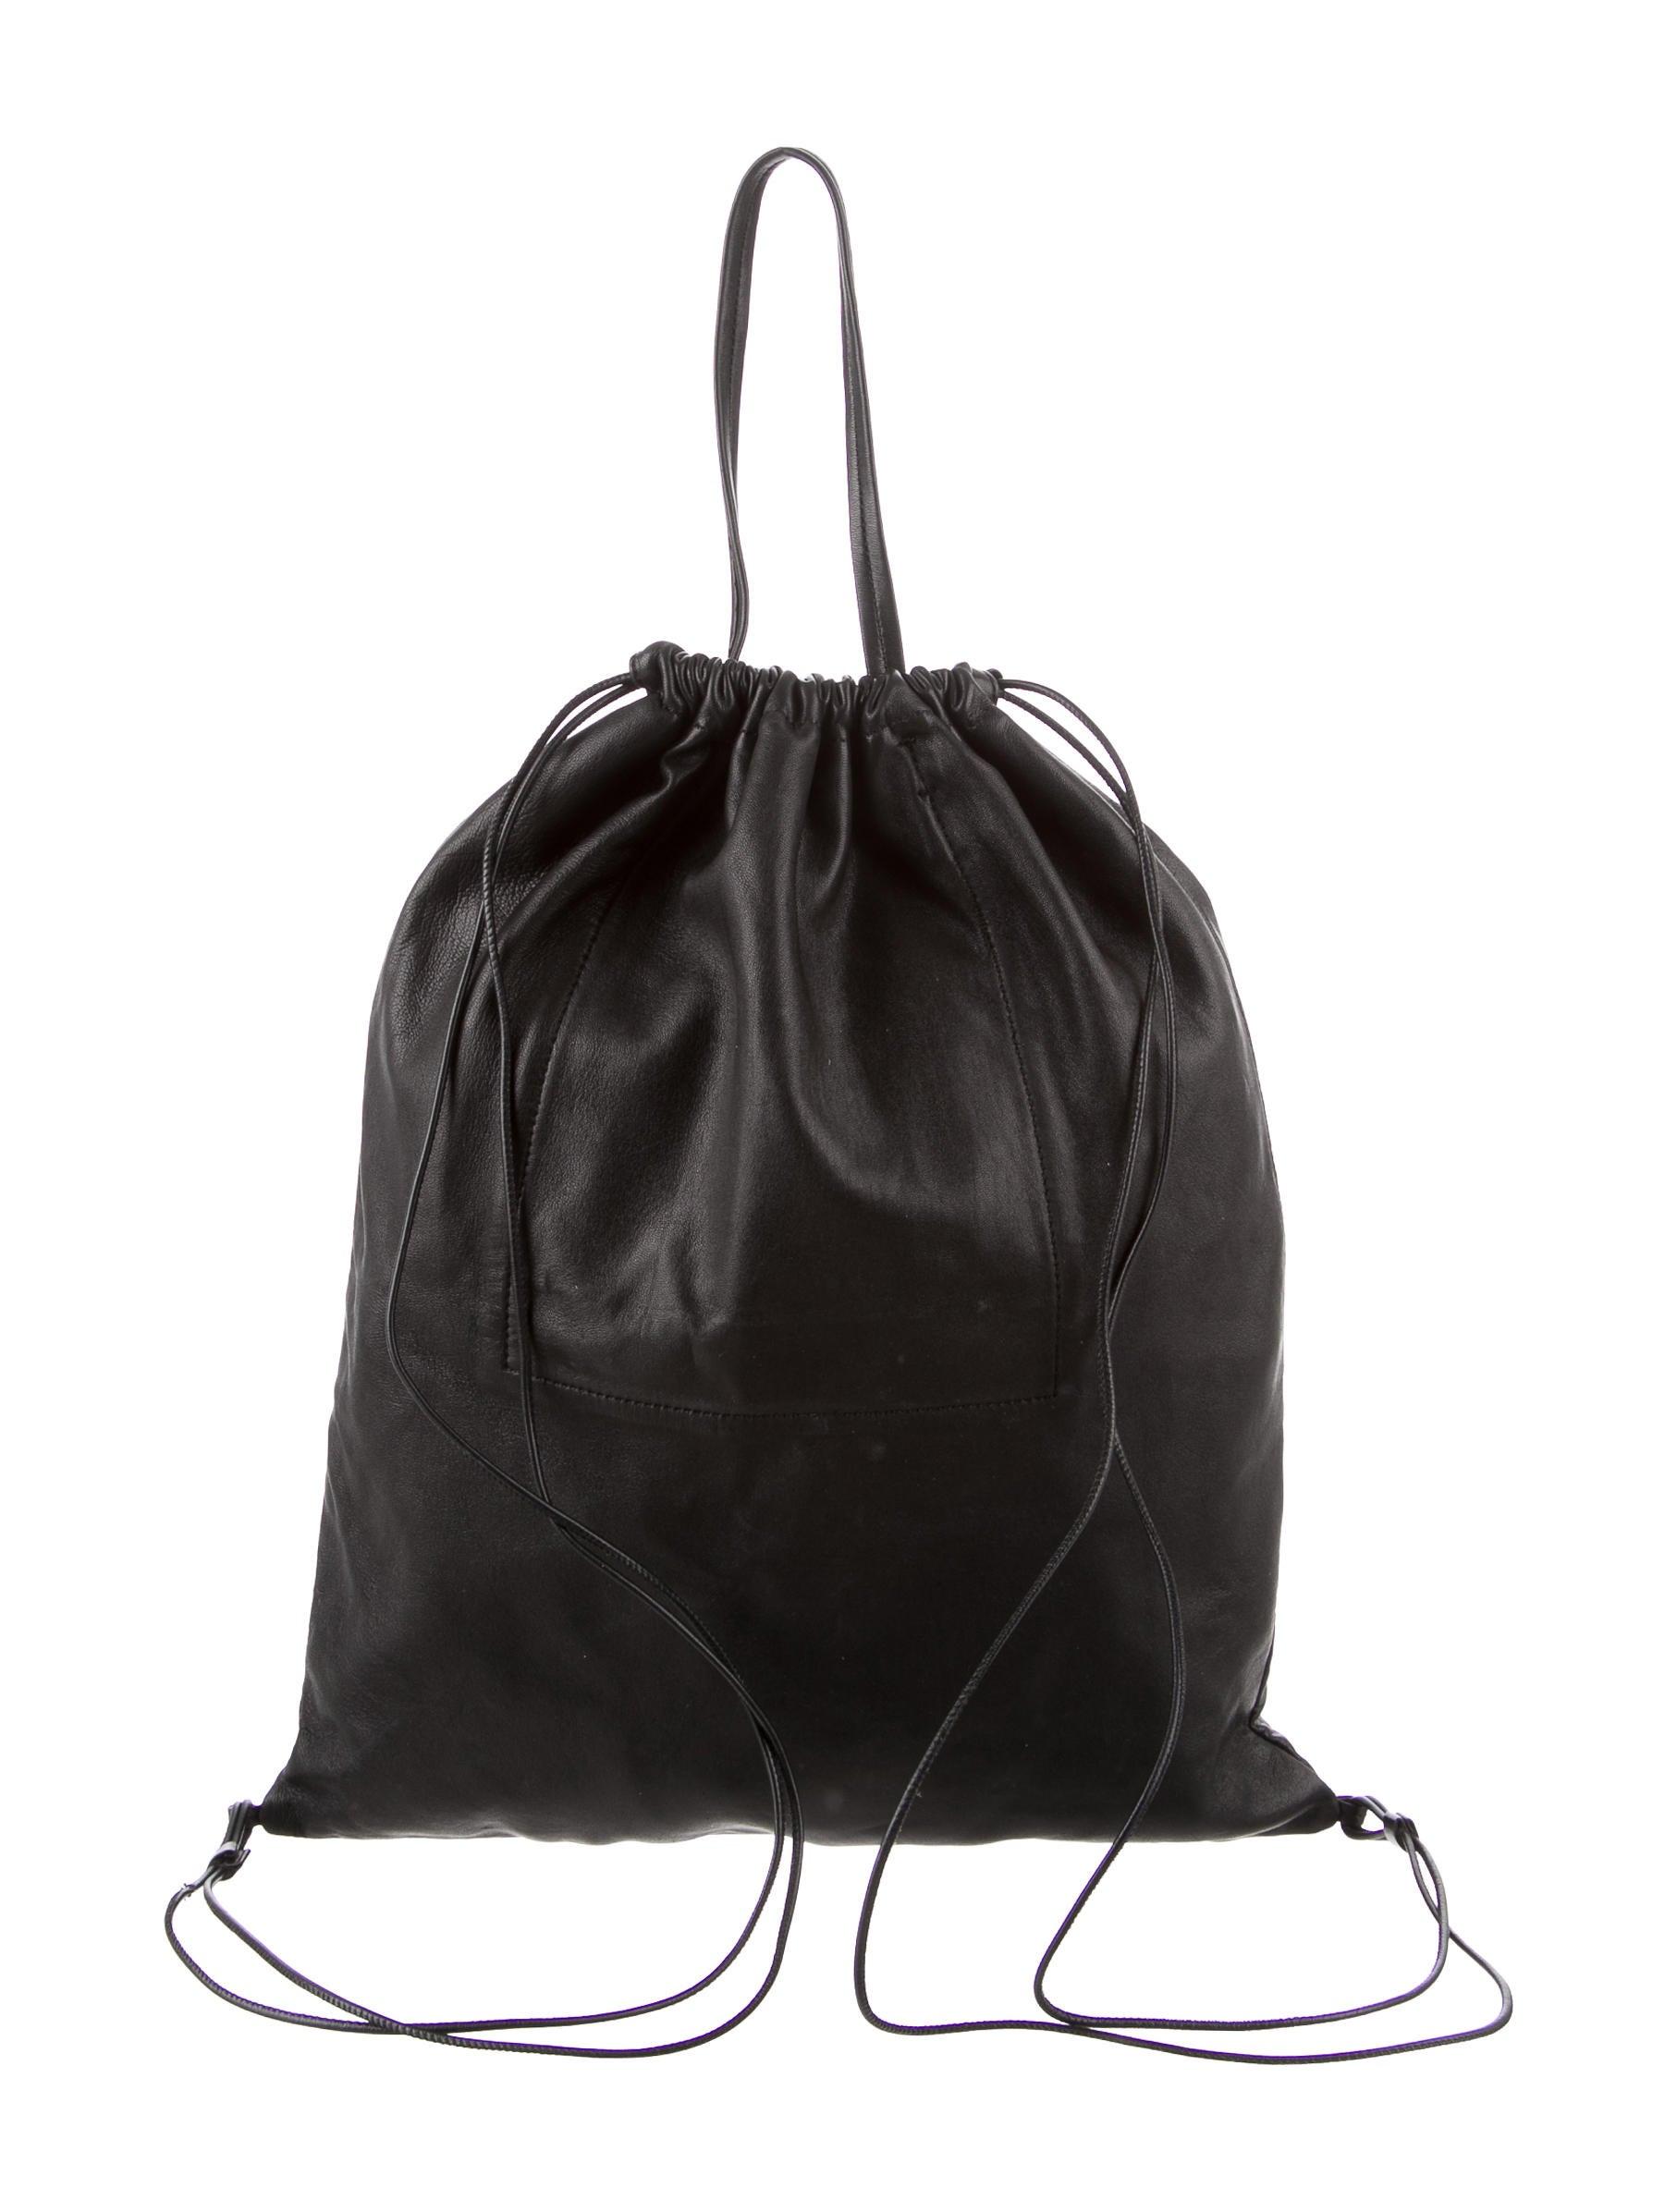 Kara Leather Drawstring Backpack Handbags Wkara20171 The Realreal